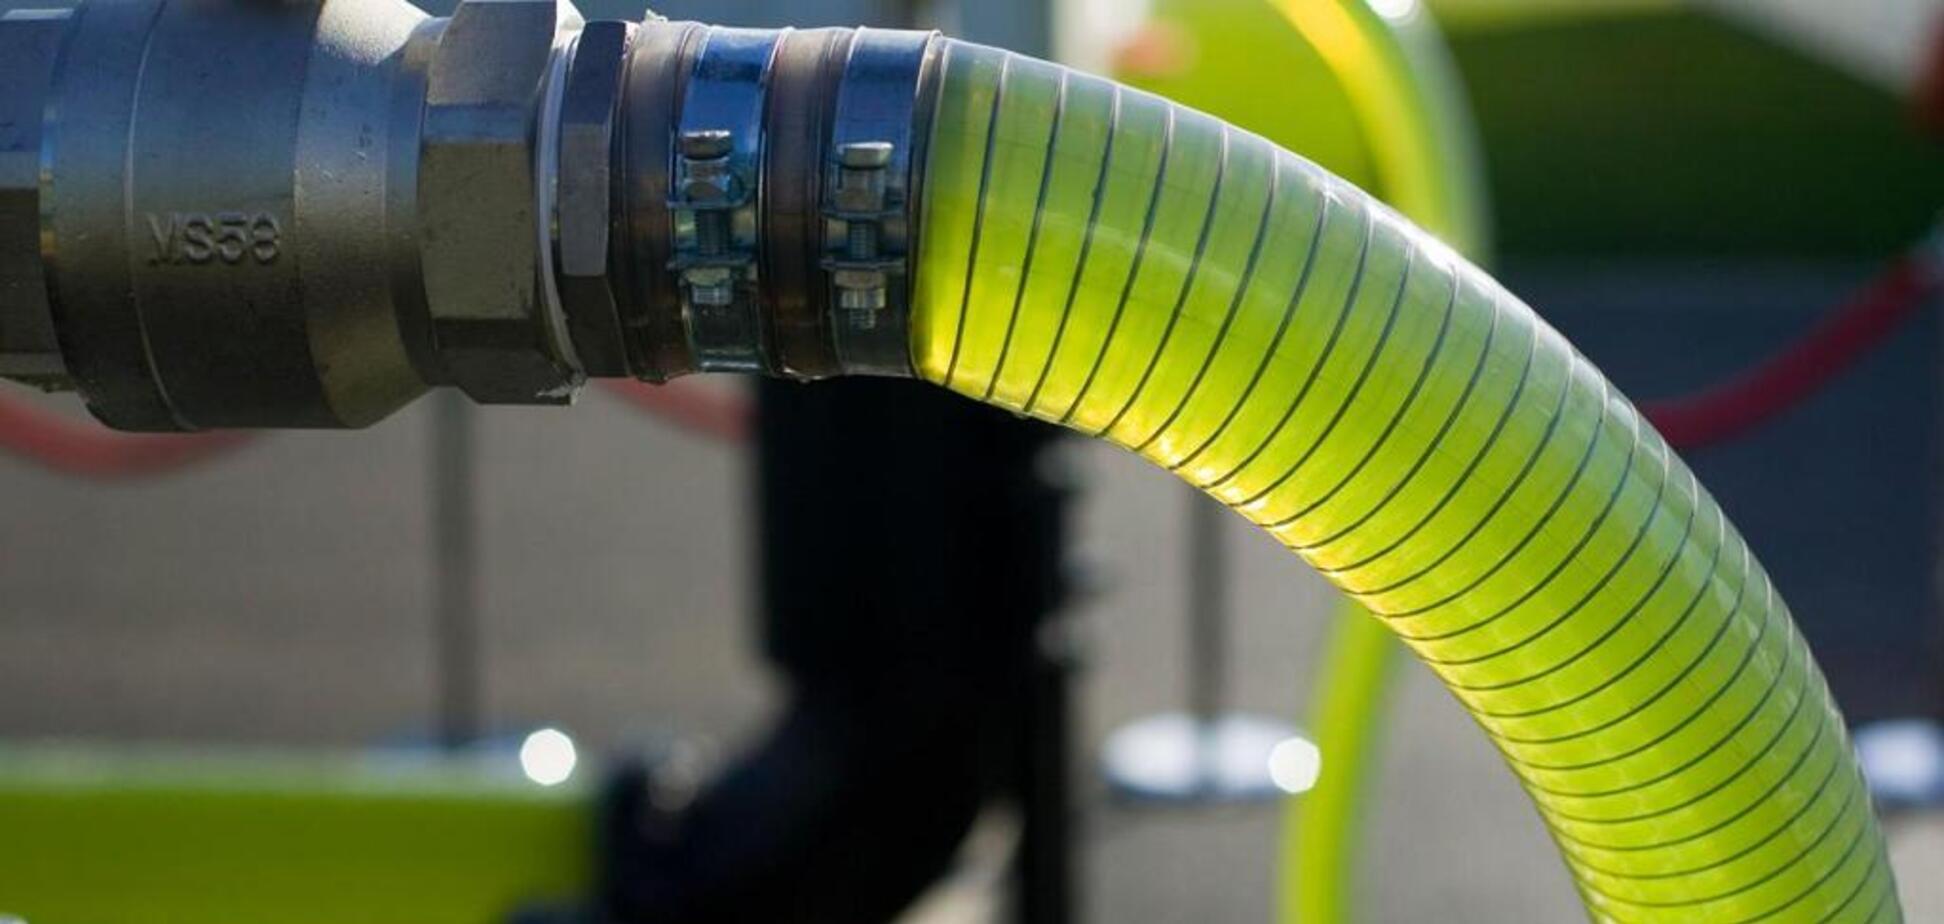 Україна зможе купувати уп'ятеро менше газу: як цього досягти